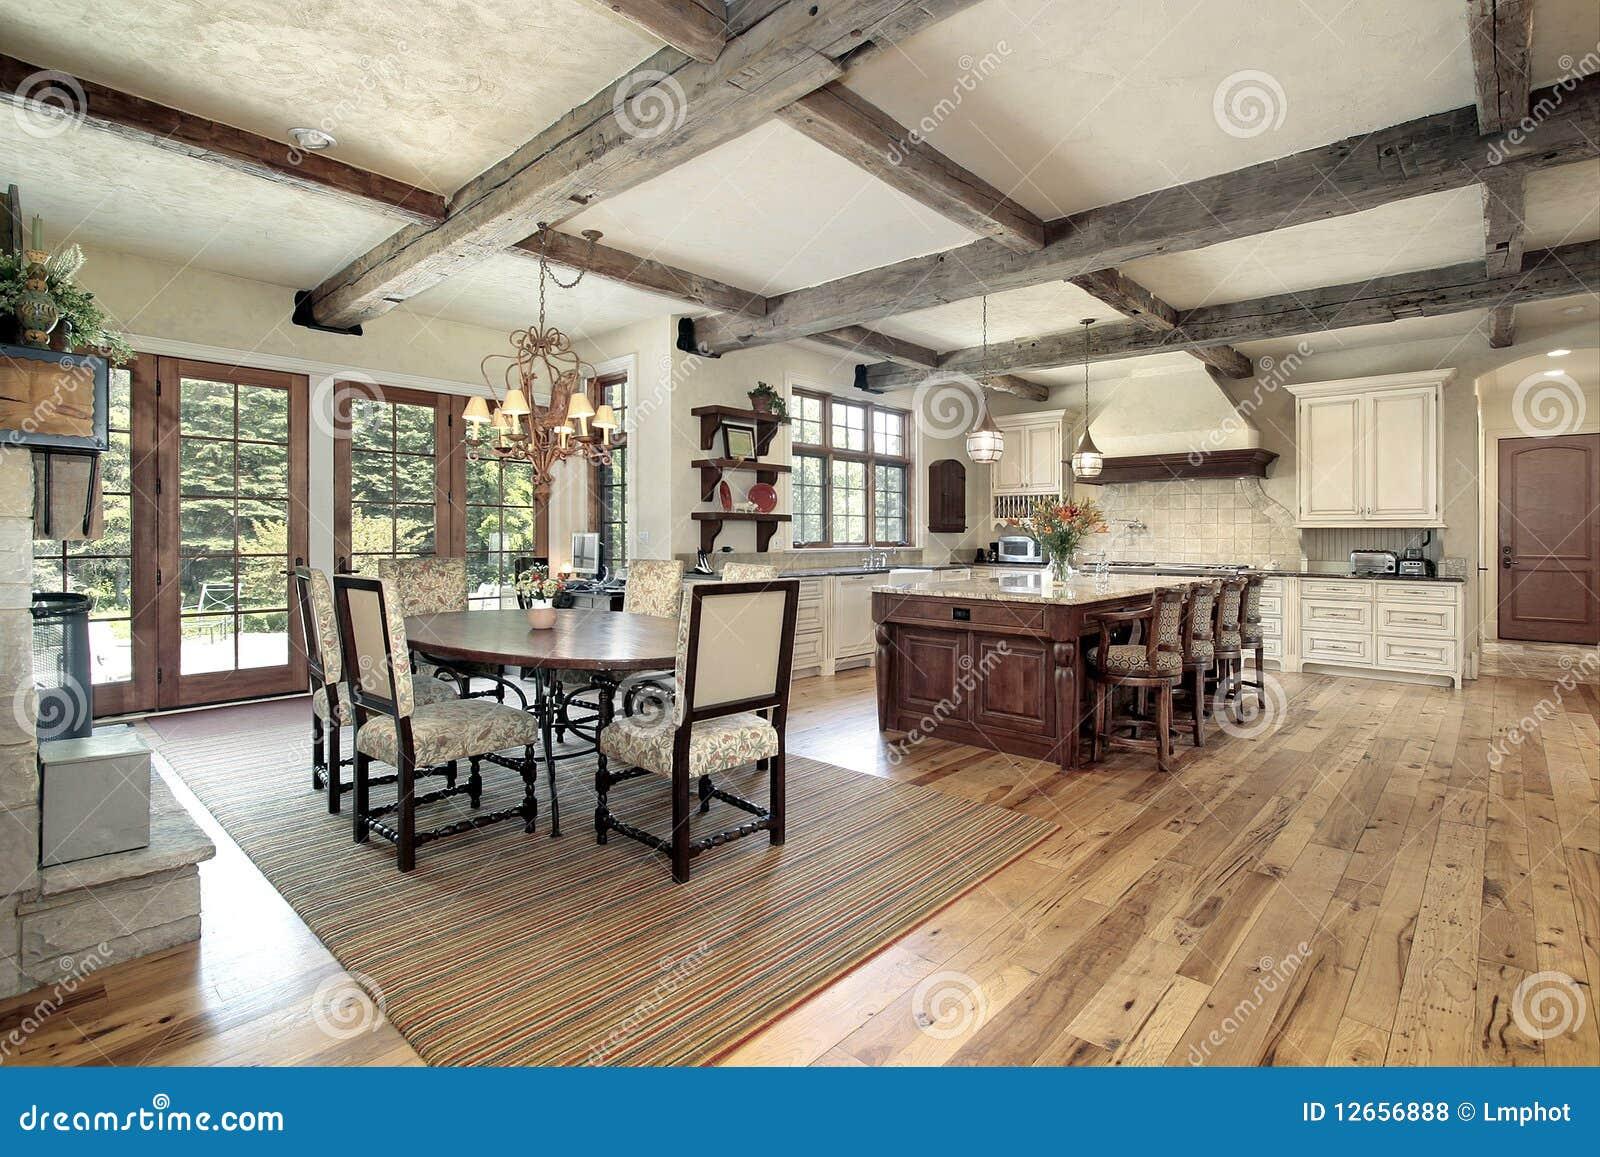 Keuken Met Eiland En Plafond Houten Stralen Royalty vrije